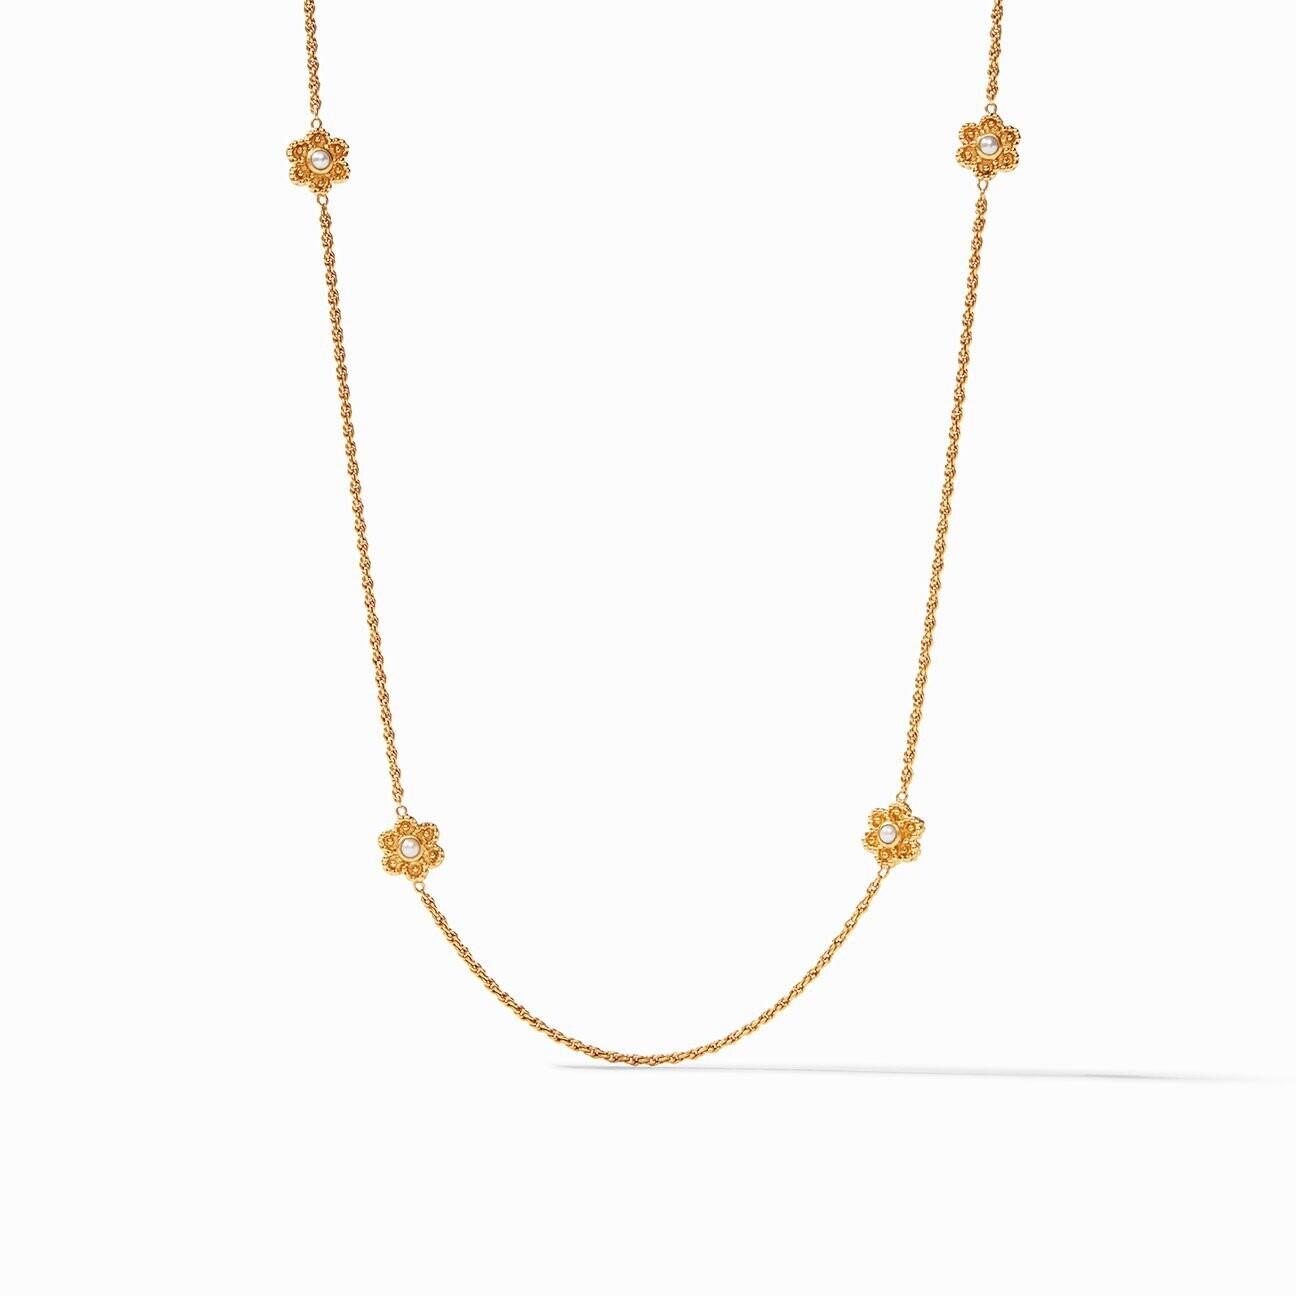 JULIE VOS Colette Pearl Station Necklace